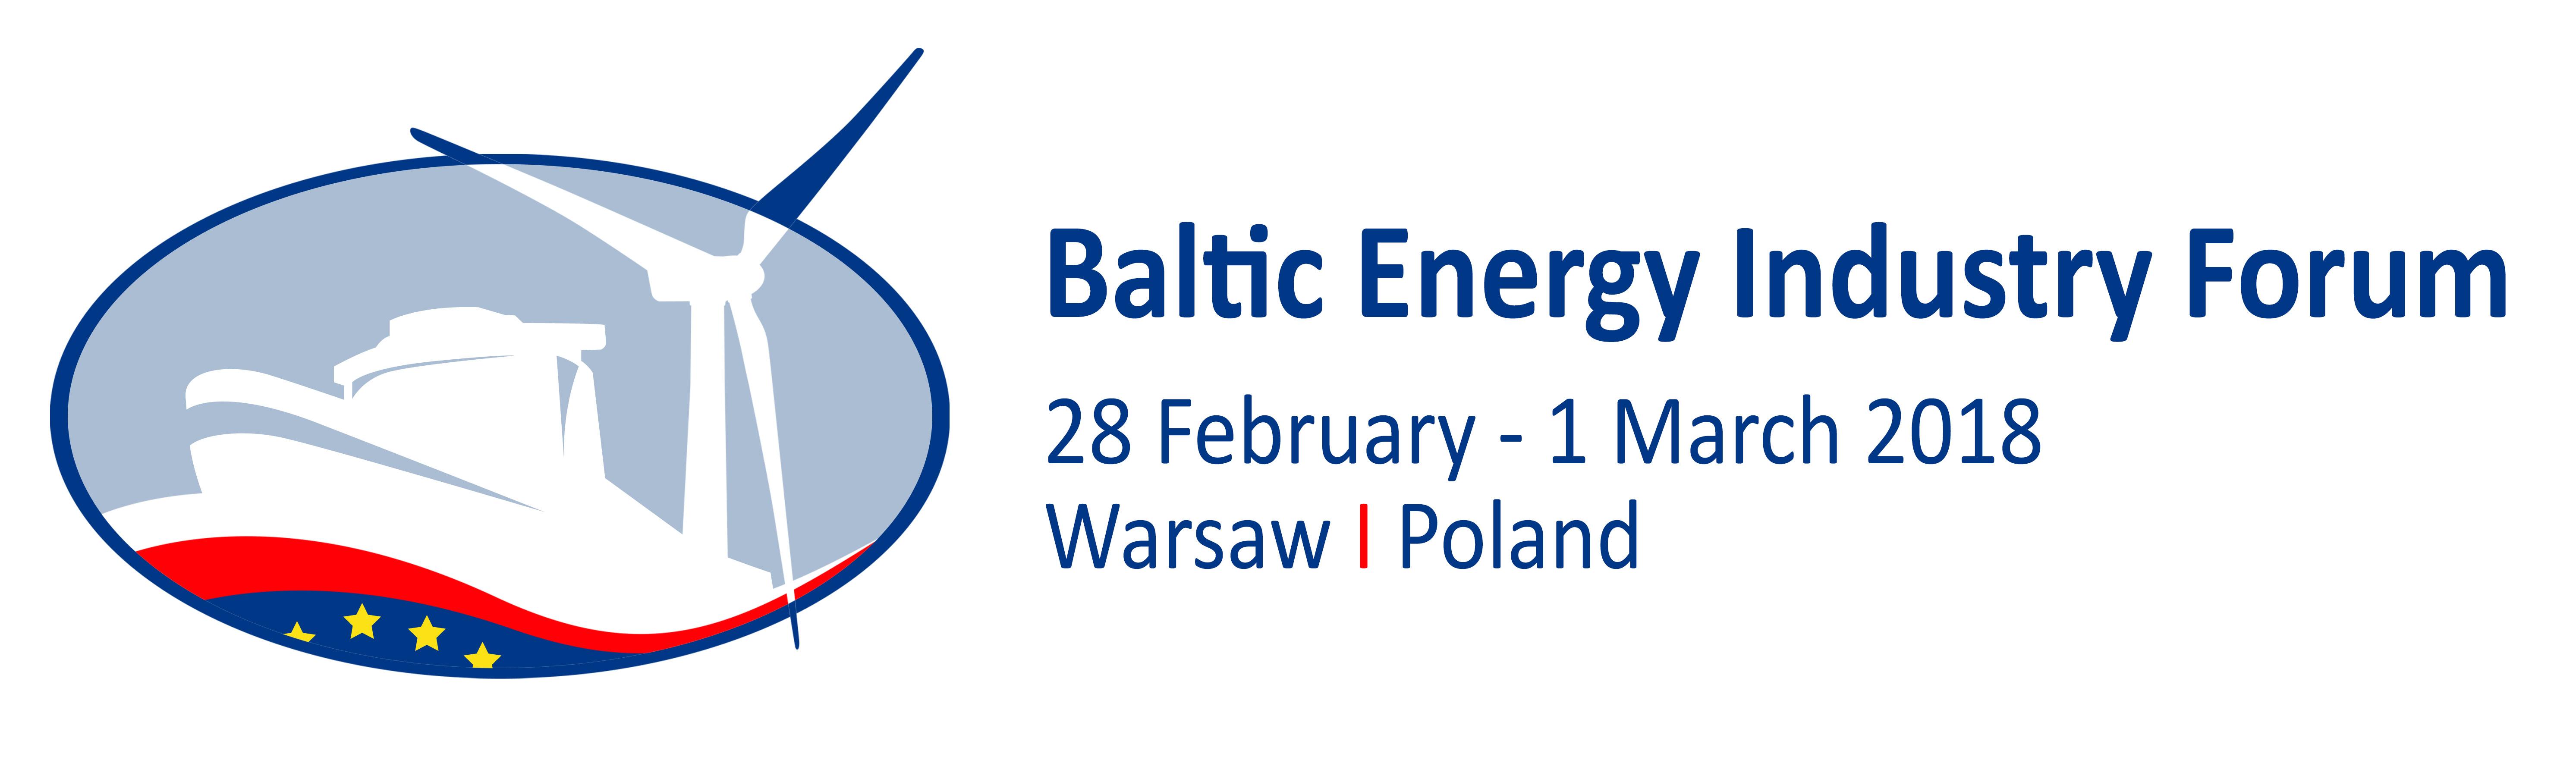 Bałtyckie Forum Przemysłu Energetyki Morskiej